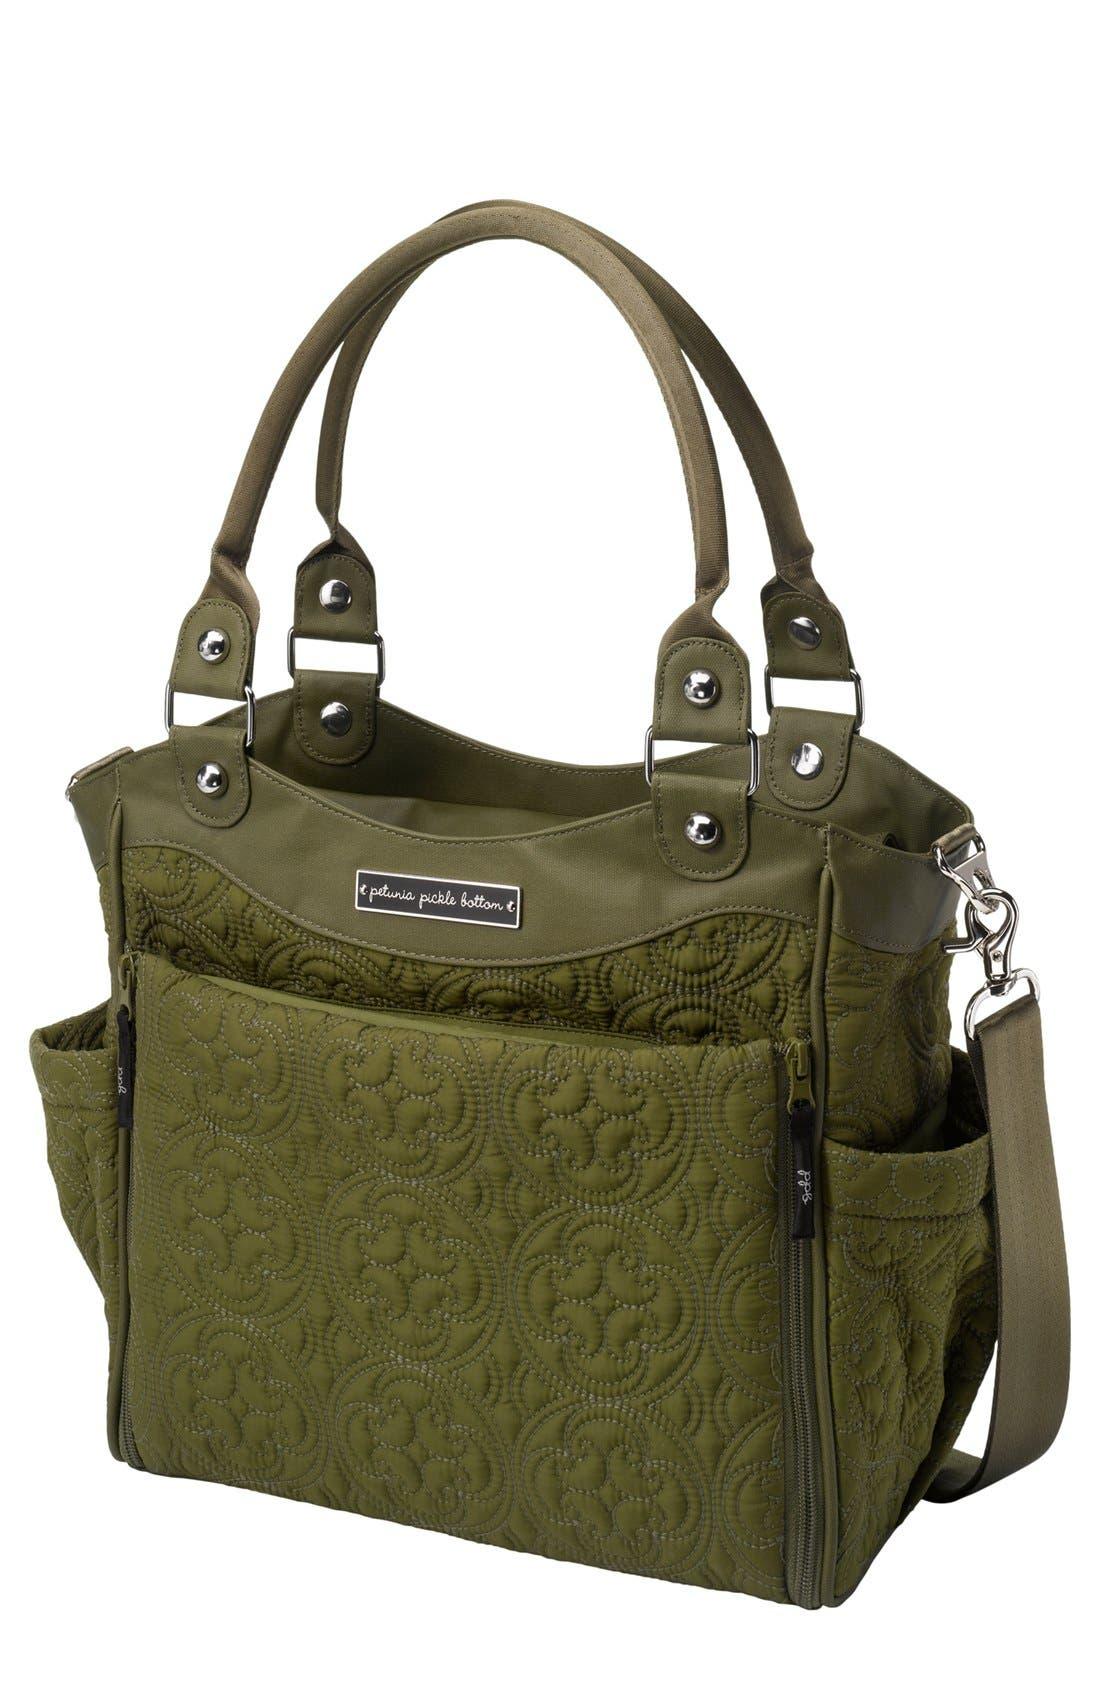 Alternate Image 1 Selected - Petunia Pickle Bottom 'City Carryall' Embossed Diaper Bag